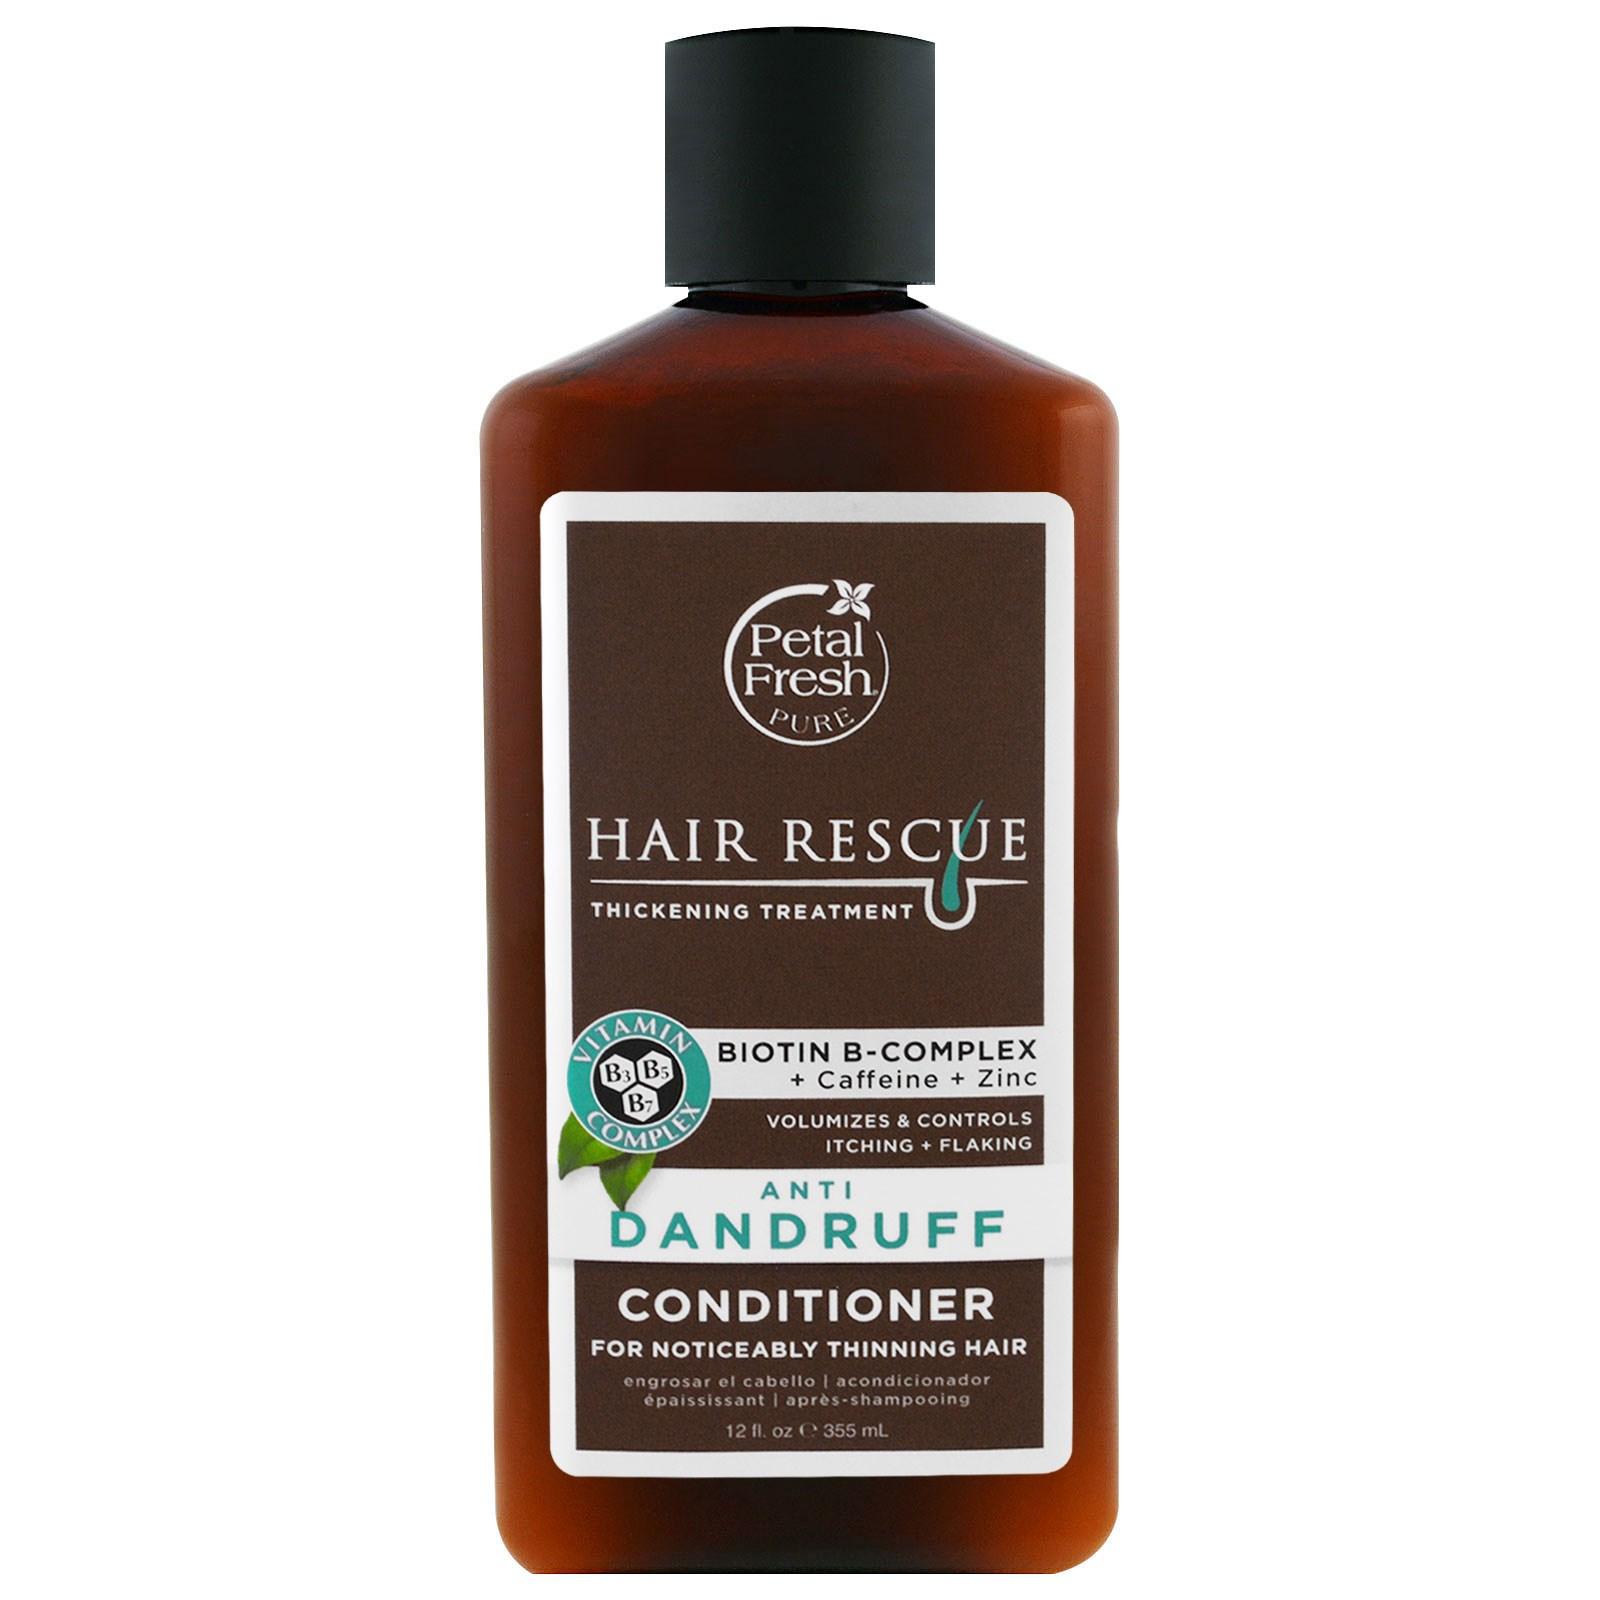 Petal Fresh, Серия Pure, восстановление волос, кондиционер для истонченных волос, против перхоти, 12 жидких унций (355 мл)